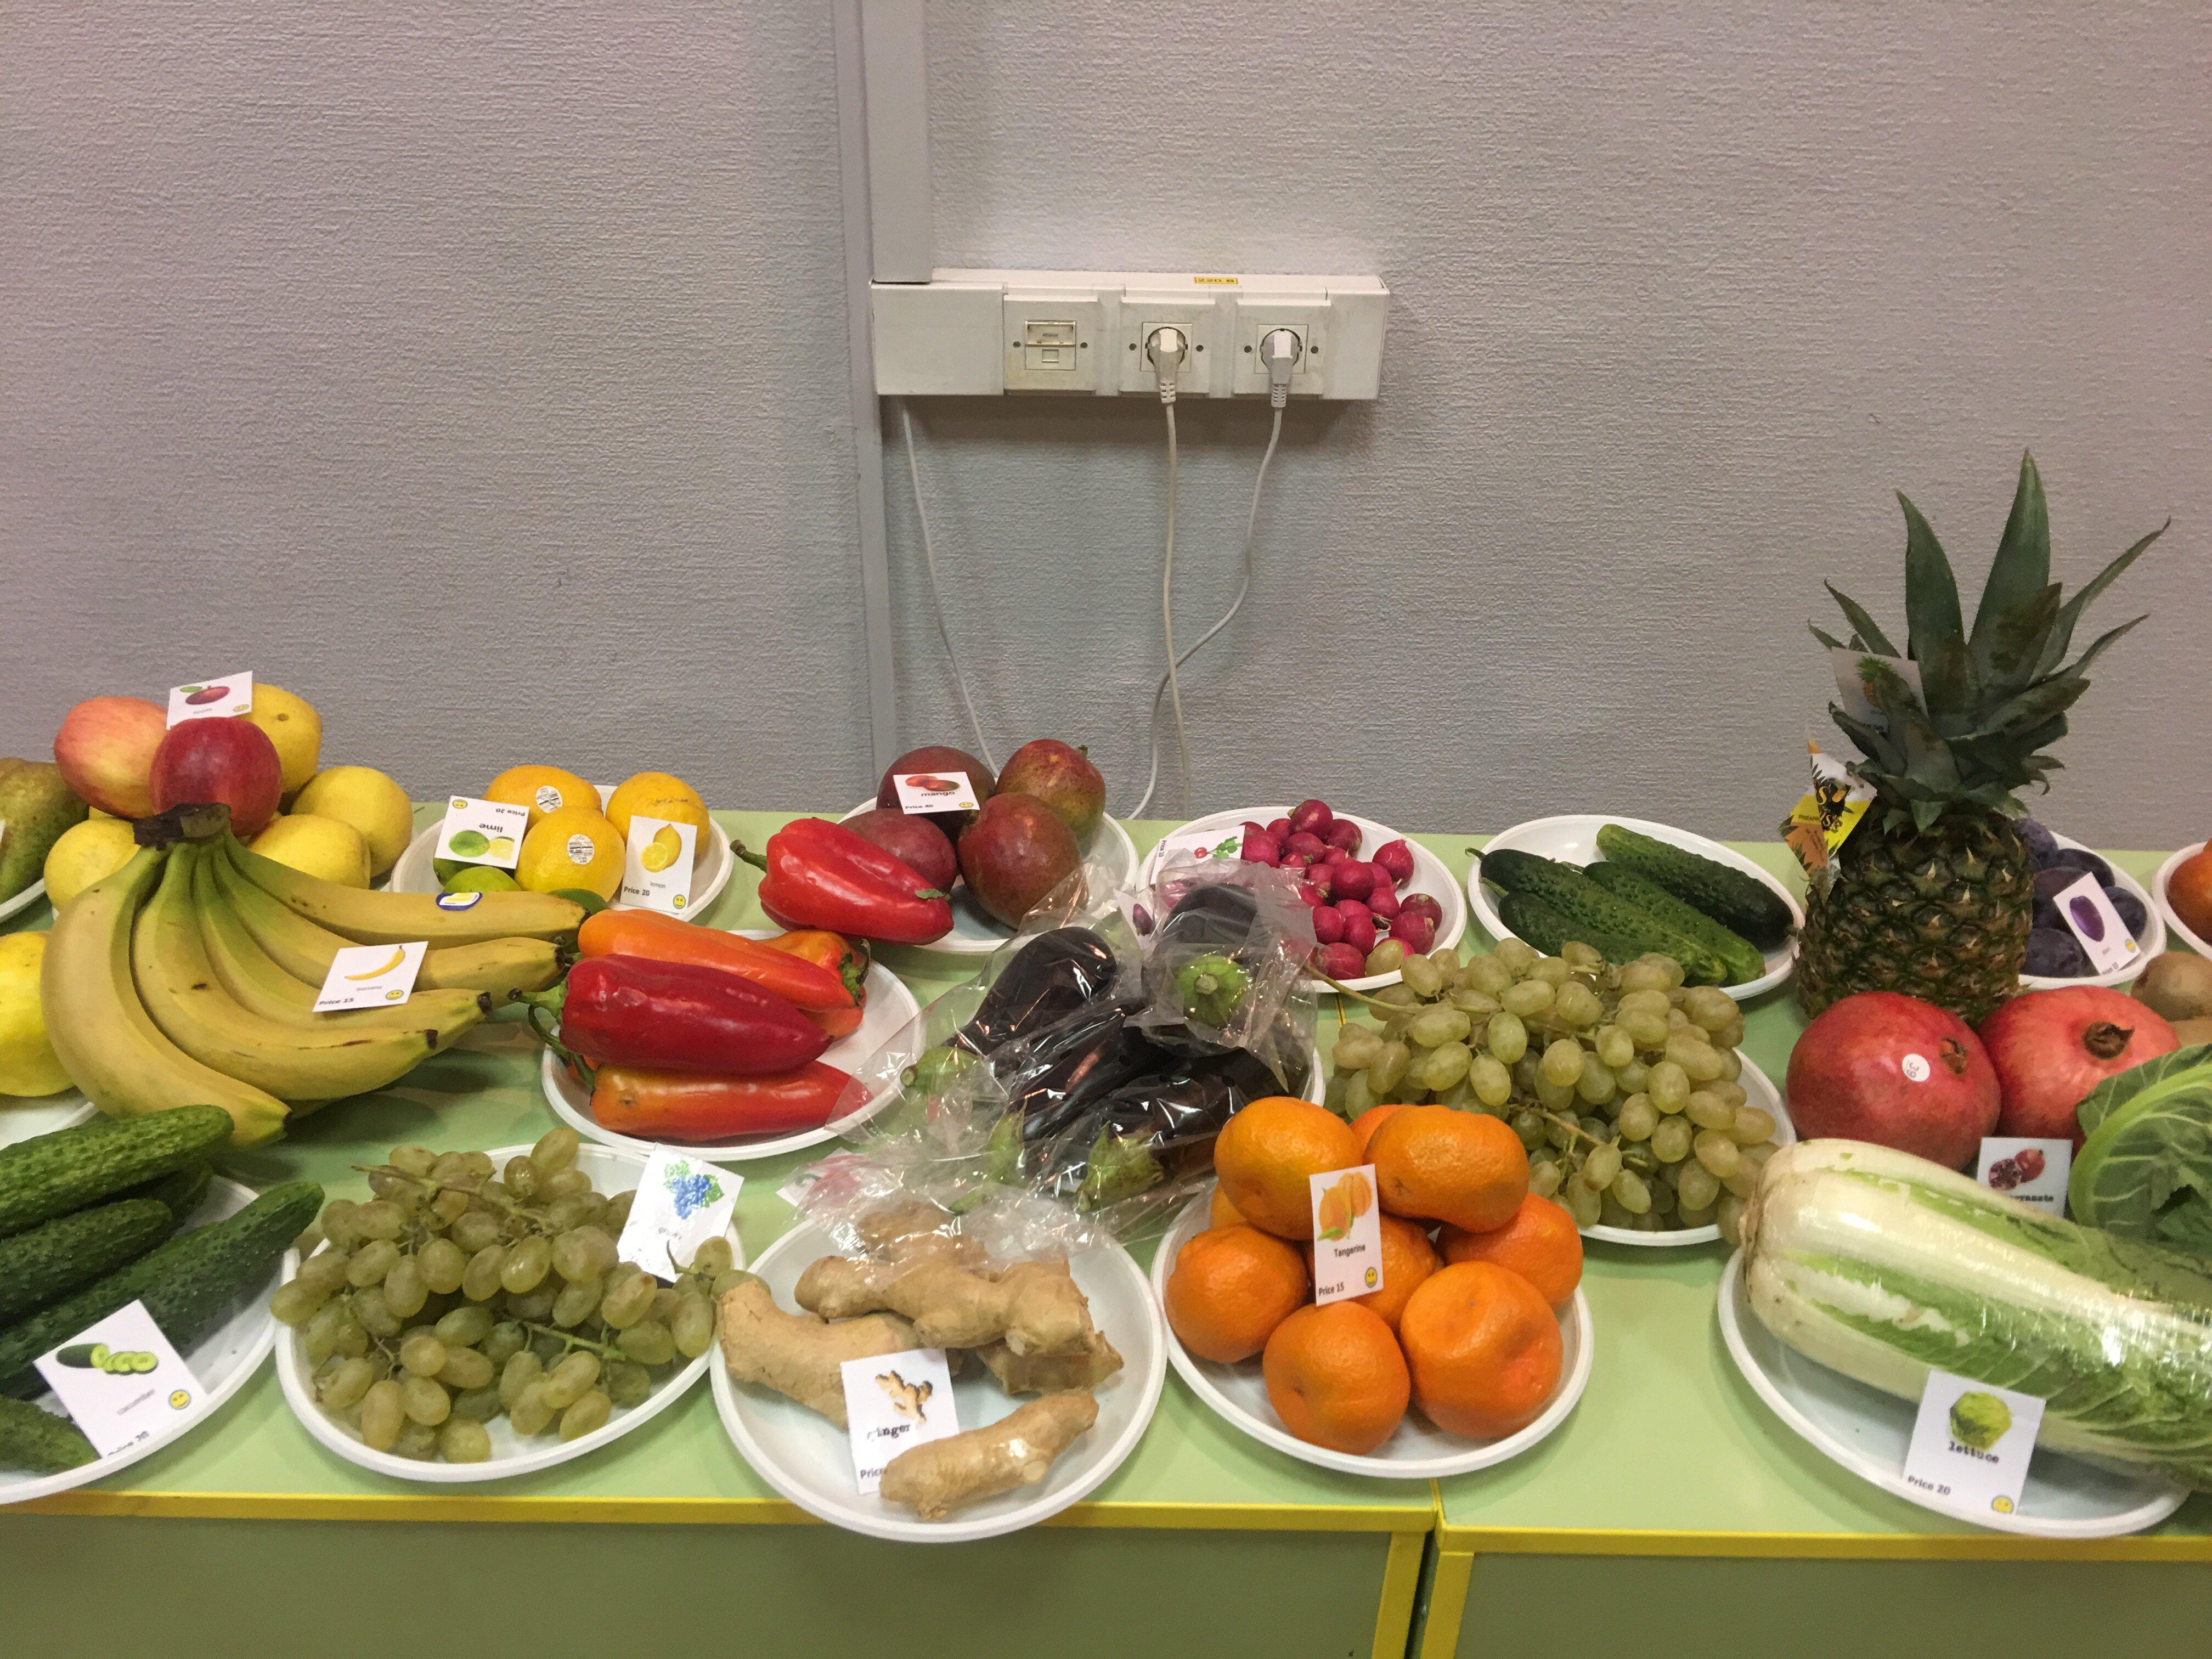 Фрукты и овощи на ярмарке